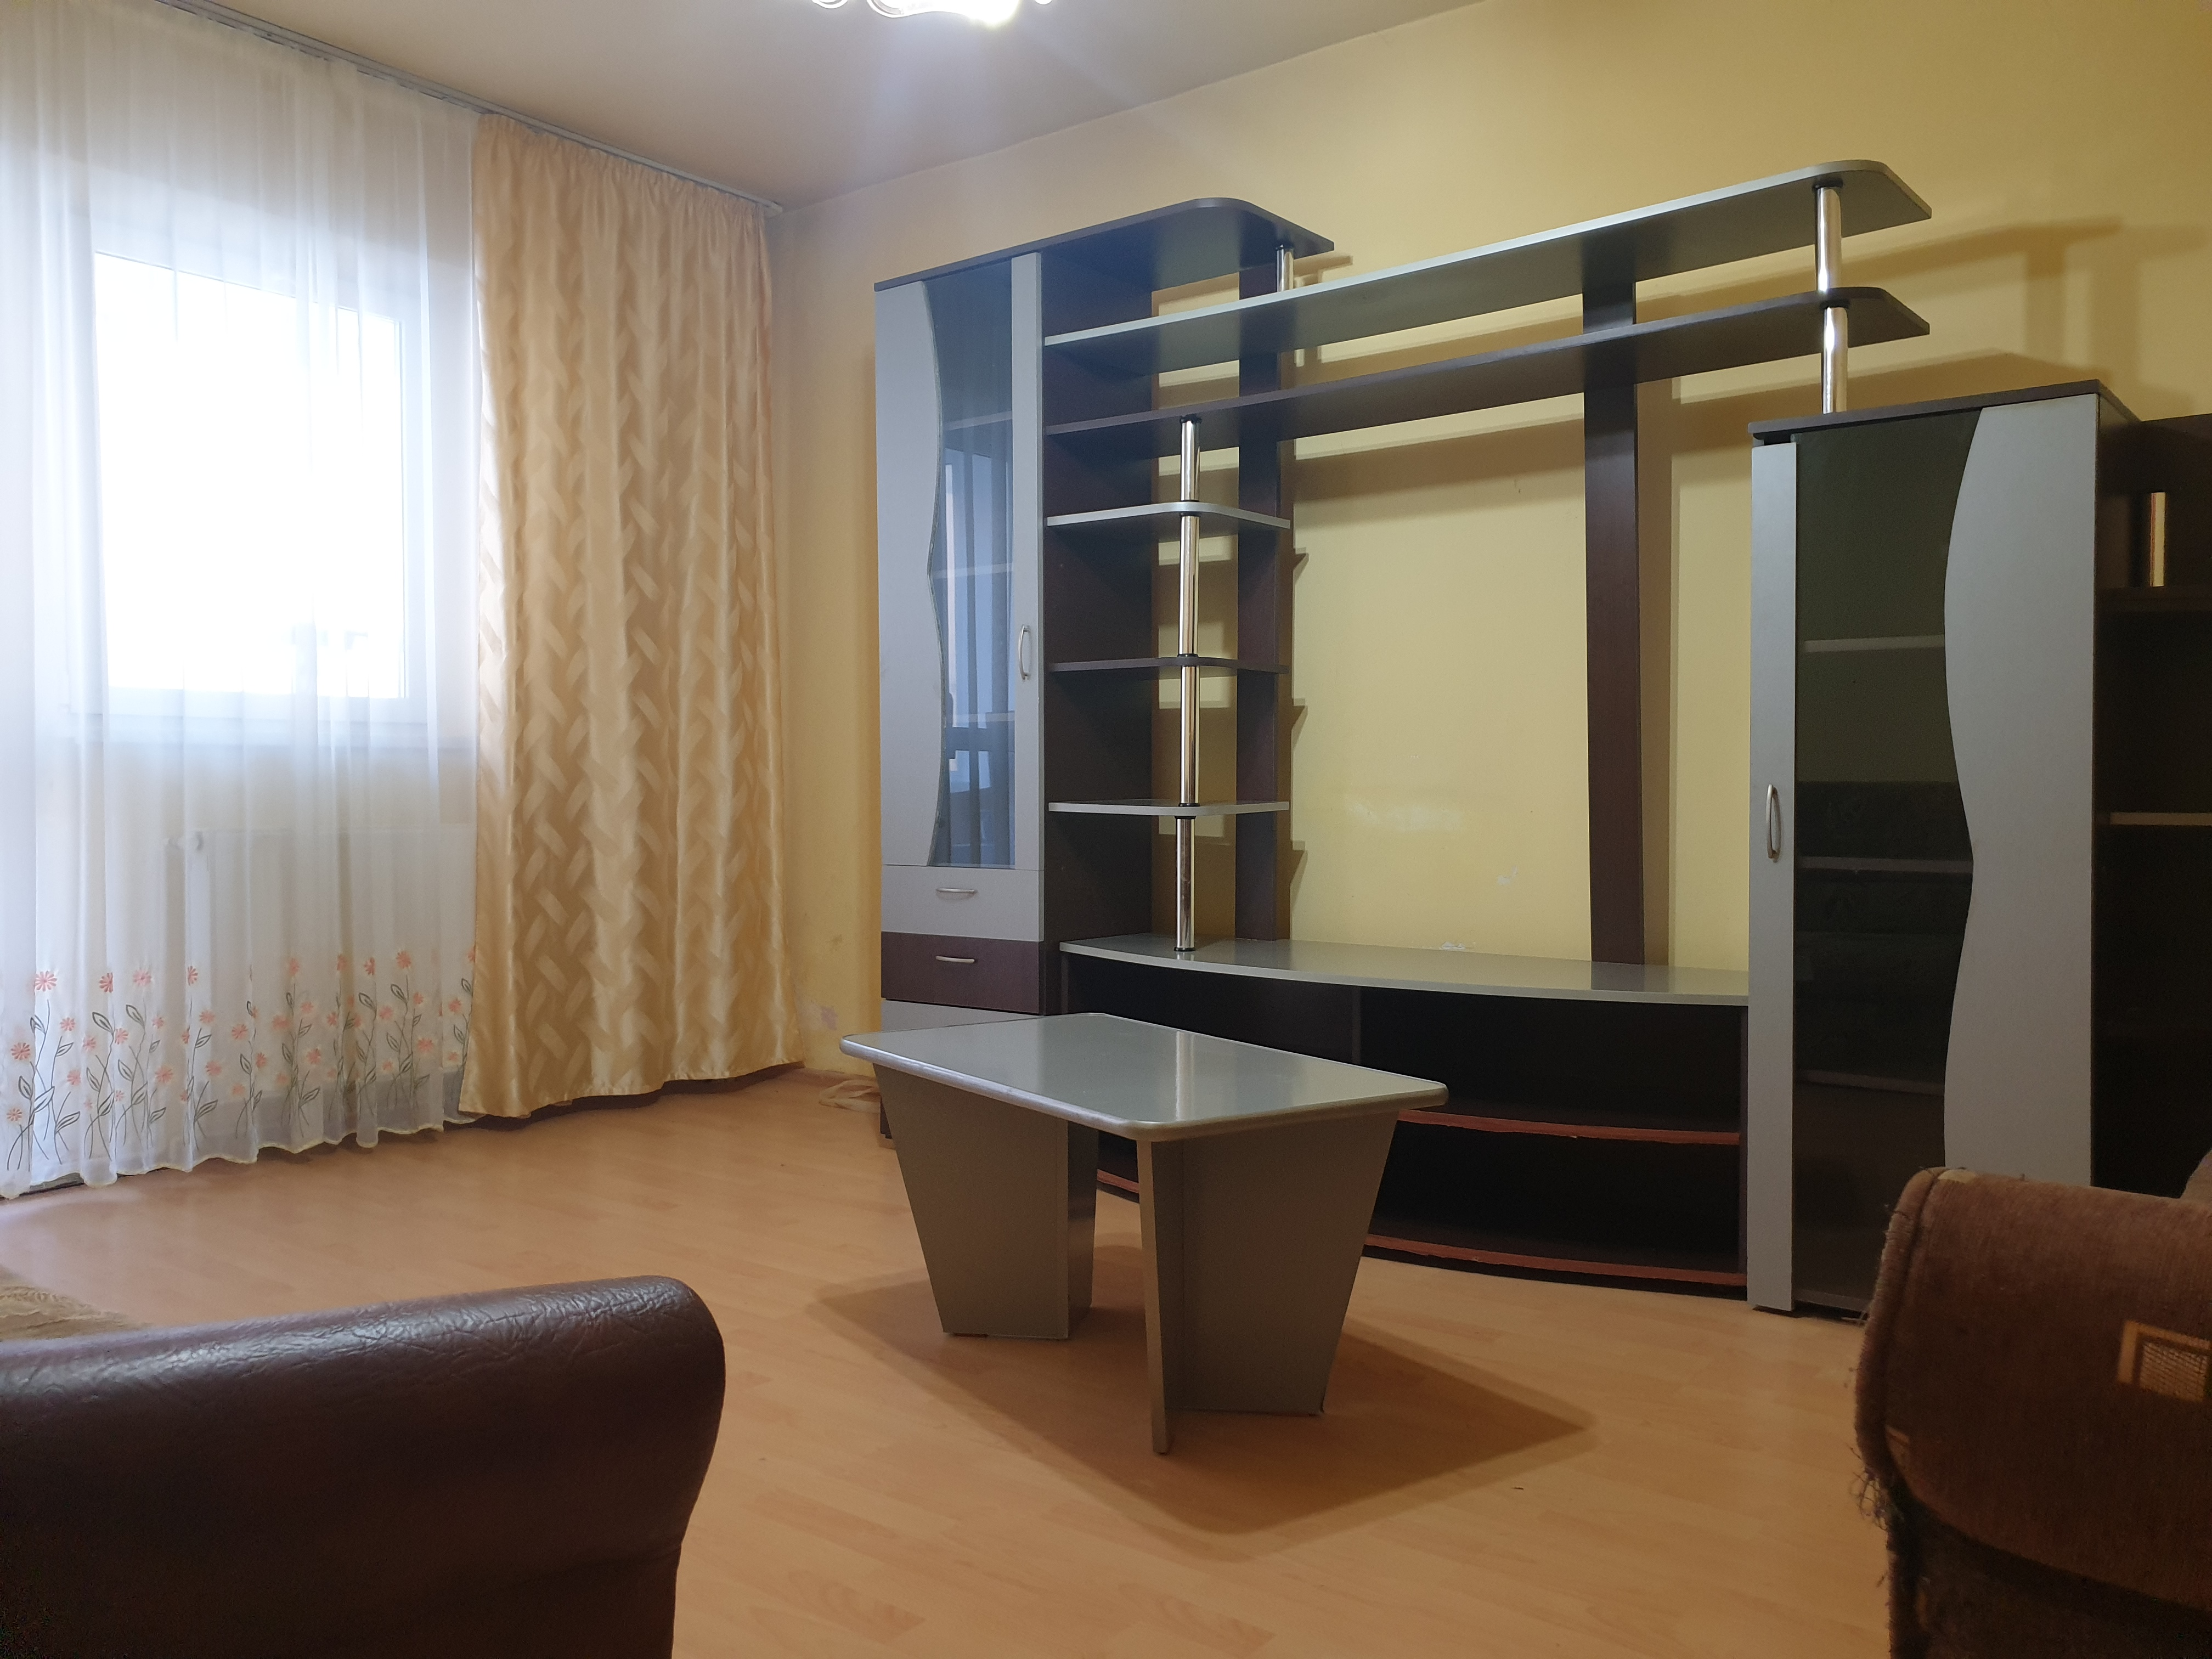 Vanzare apartament 2 camere Racadau Brasov